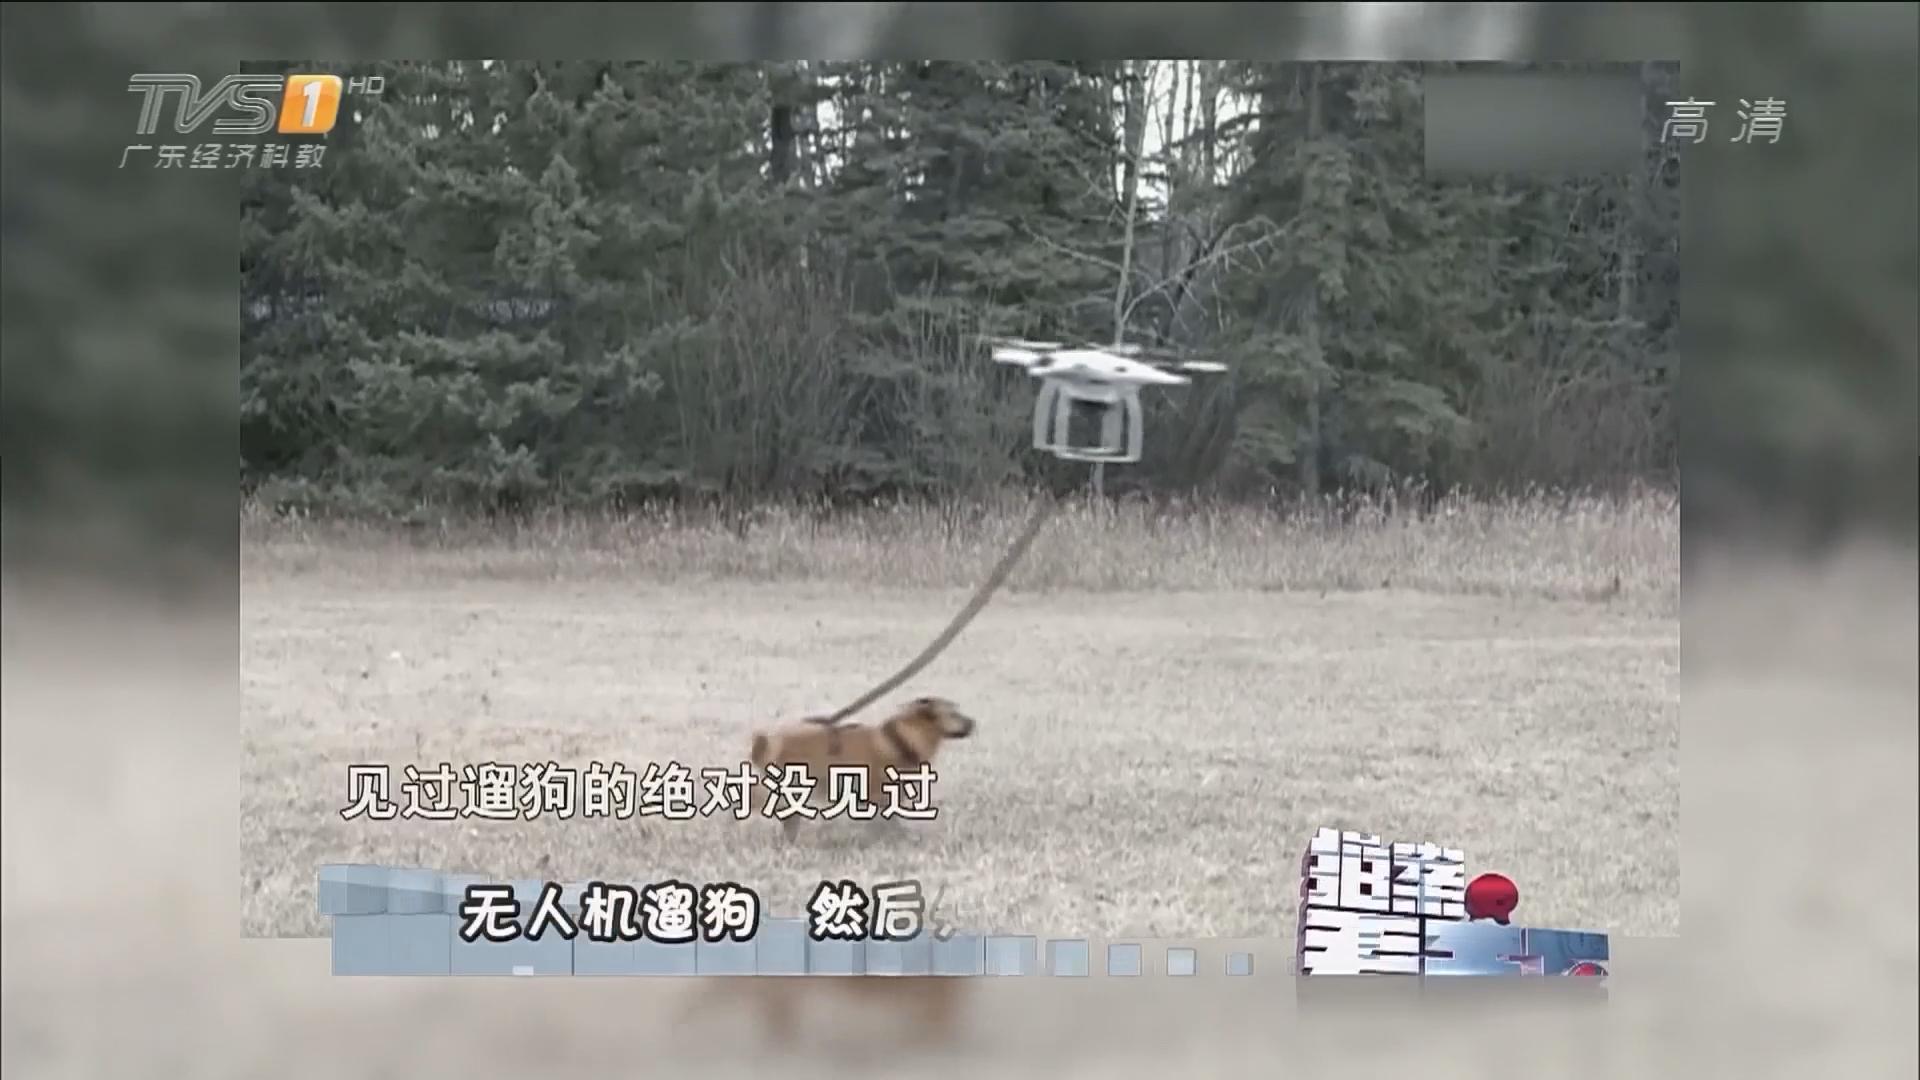 无人机遛狗 然后失控了......